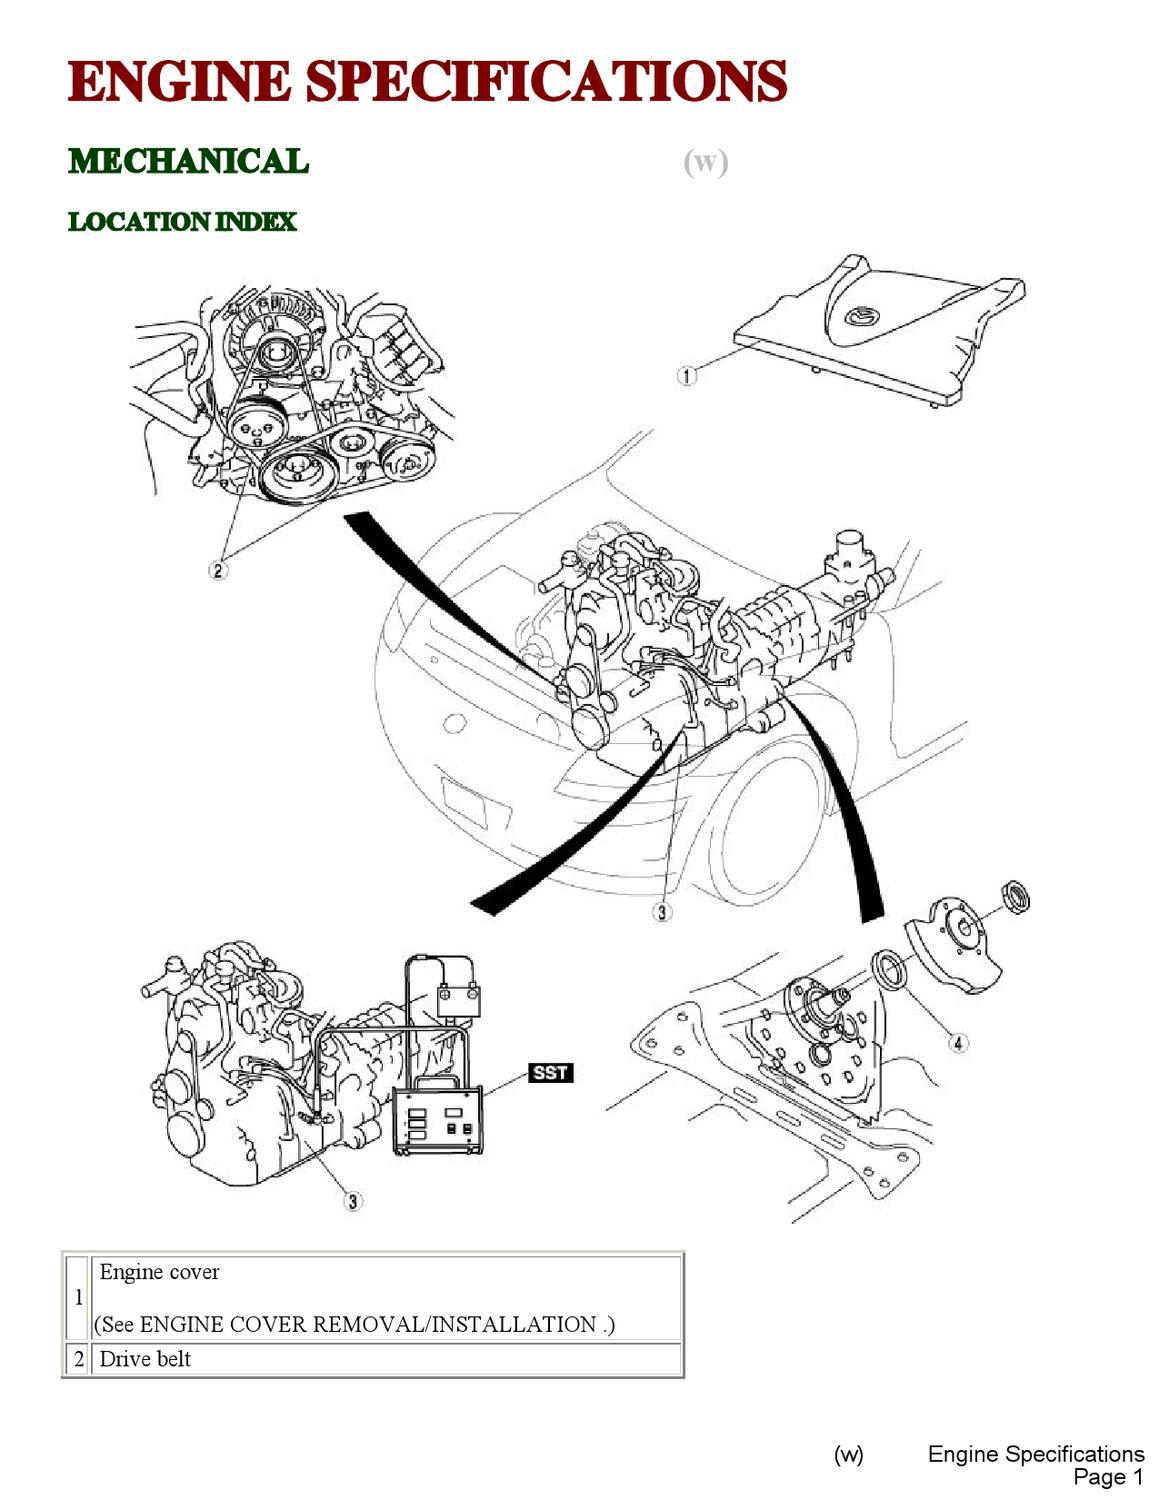 2/6RX8 Engine Manual by RX8 Antiforum - issuu